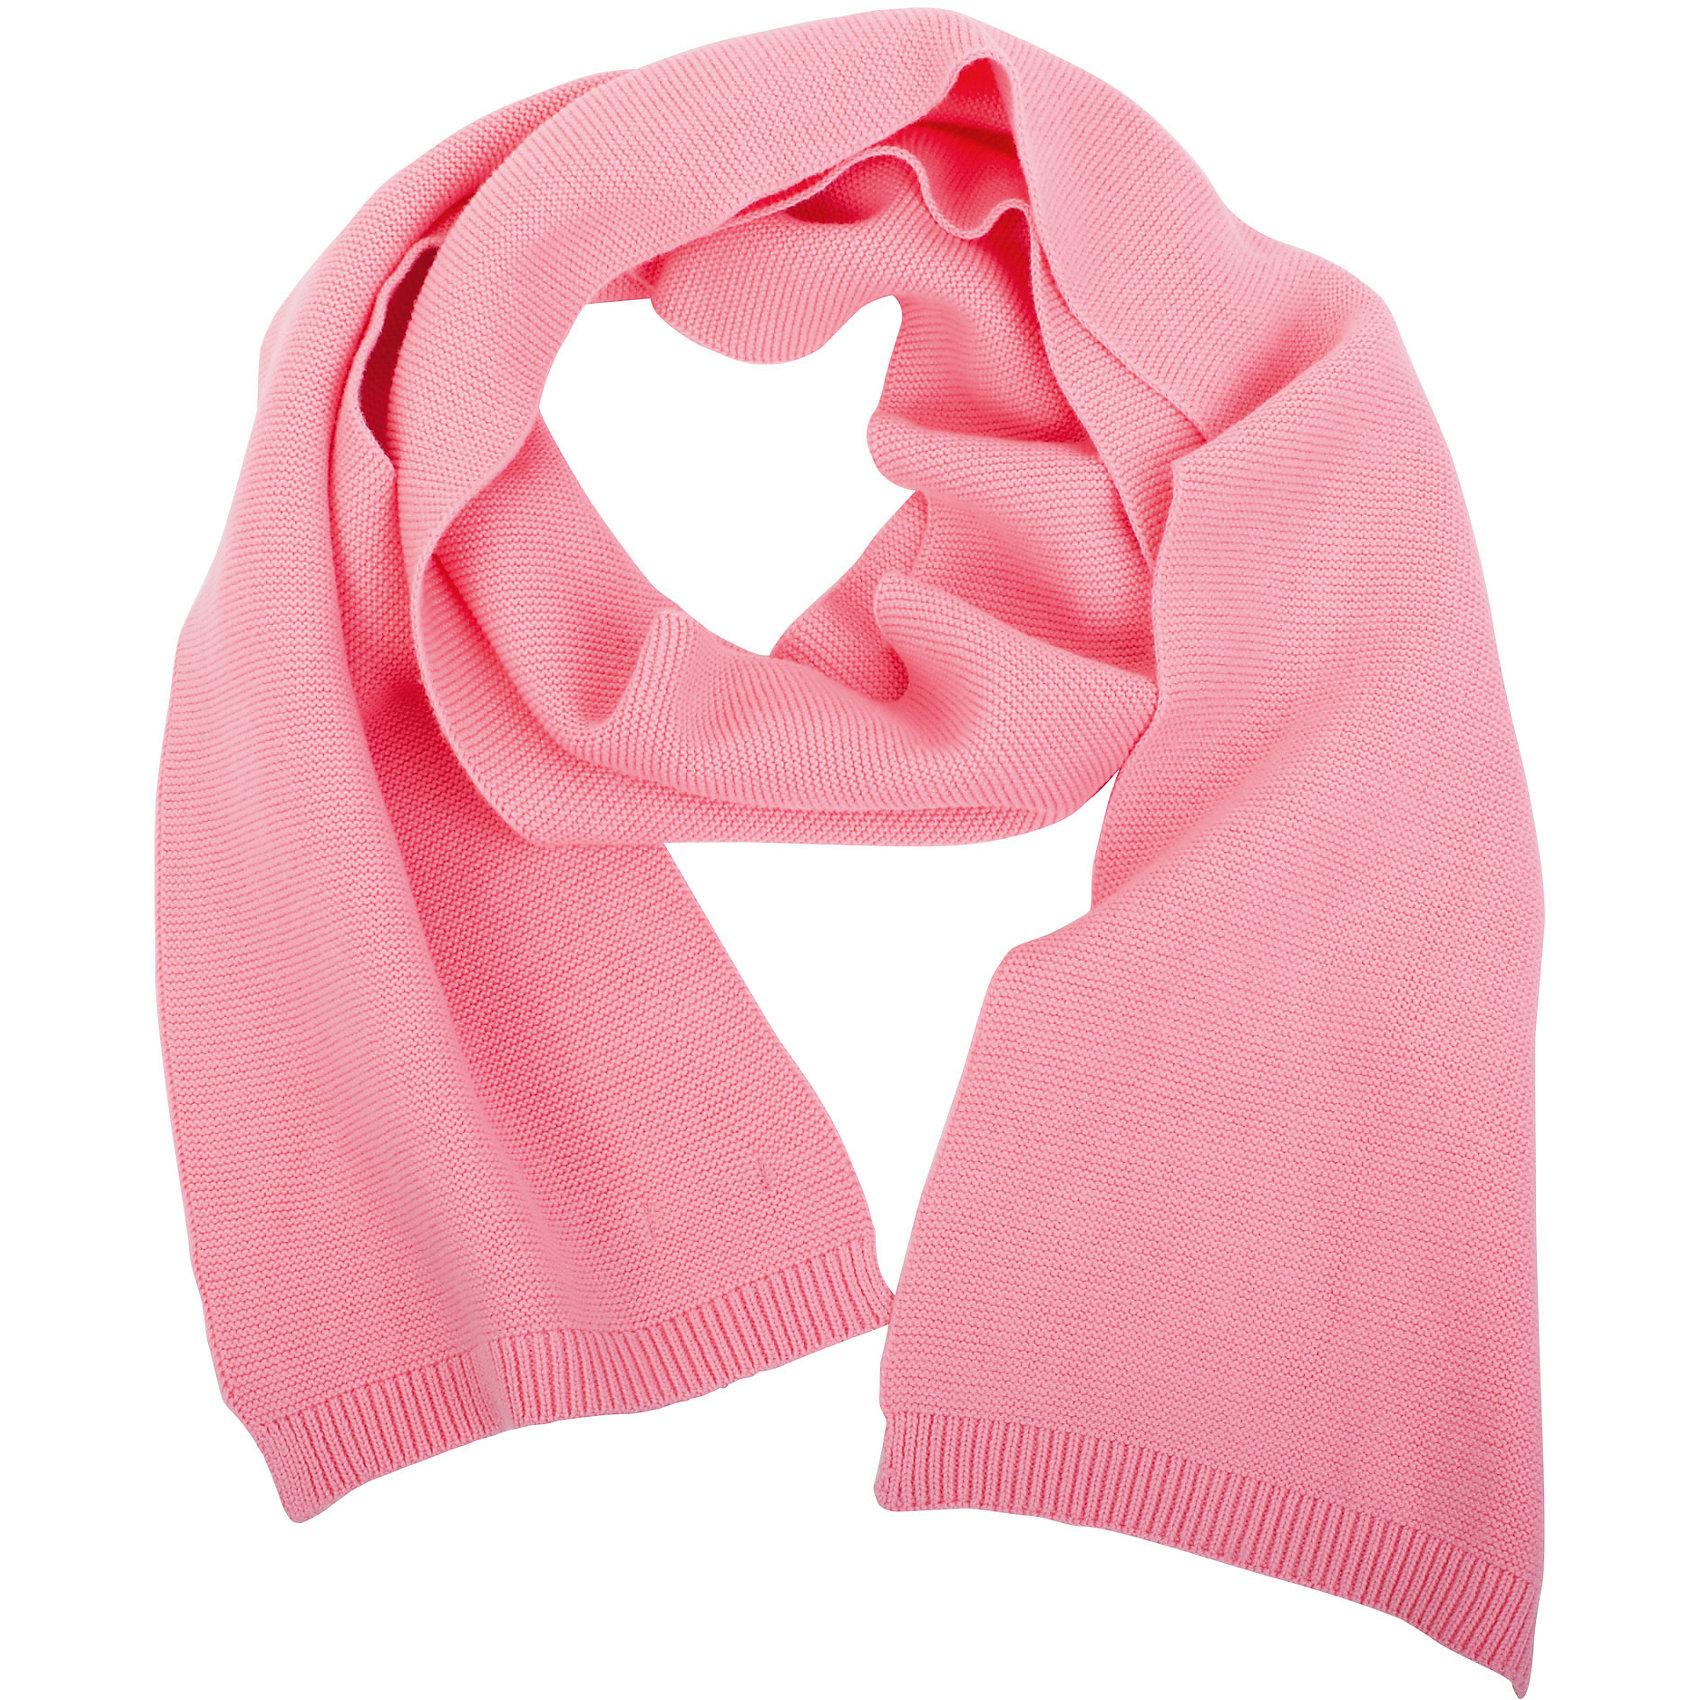 Шарф для девочки GulliverШарфы, платки<br>Стильный вязаный шарф - важный элемент повседневного образа. Он защитит юную модницу от весенней прохлады, а также придаст образу элегантную небрежность. Вы решили купить модный шарф для девочки? Розовый вязаный шарф из коллекции Цветные истории - прекрасный выбор!<br>Состав:<br>100% хлопок<br><br>Ширина мм: 88<br>Глубина мм: 155<br>Высота мм: 26<br>Вес г: 106<br>Цвет: розовый<br>Возраст от месяцев: 84<br>Возраст до месяцев: 120<br>Пол: Женский<br>Возраст: Детский<br>Размер: one size<br>SKU: 5484159